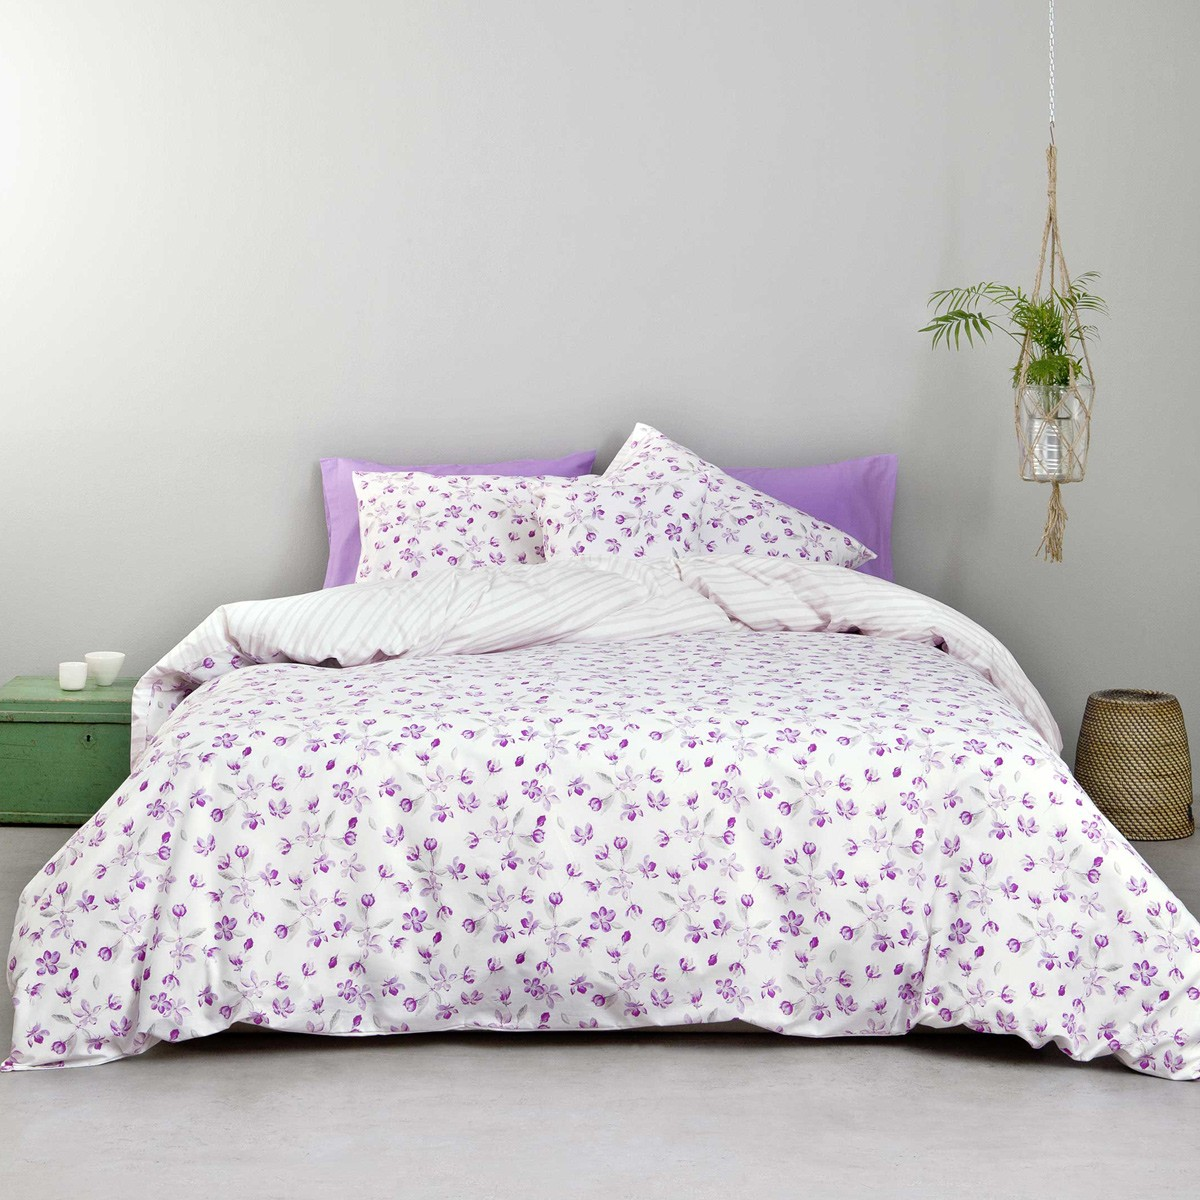 Σεντόνια Υπέρδιπλα (Σετ) Nima Bed Linen Water Lily Lilac ΧΩΡΙΣ ΛΑΣΤΙΧΟ ΧΩΡΙΣ ΛΑΣΤΙΧΟ